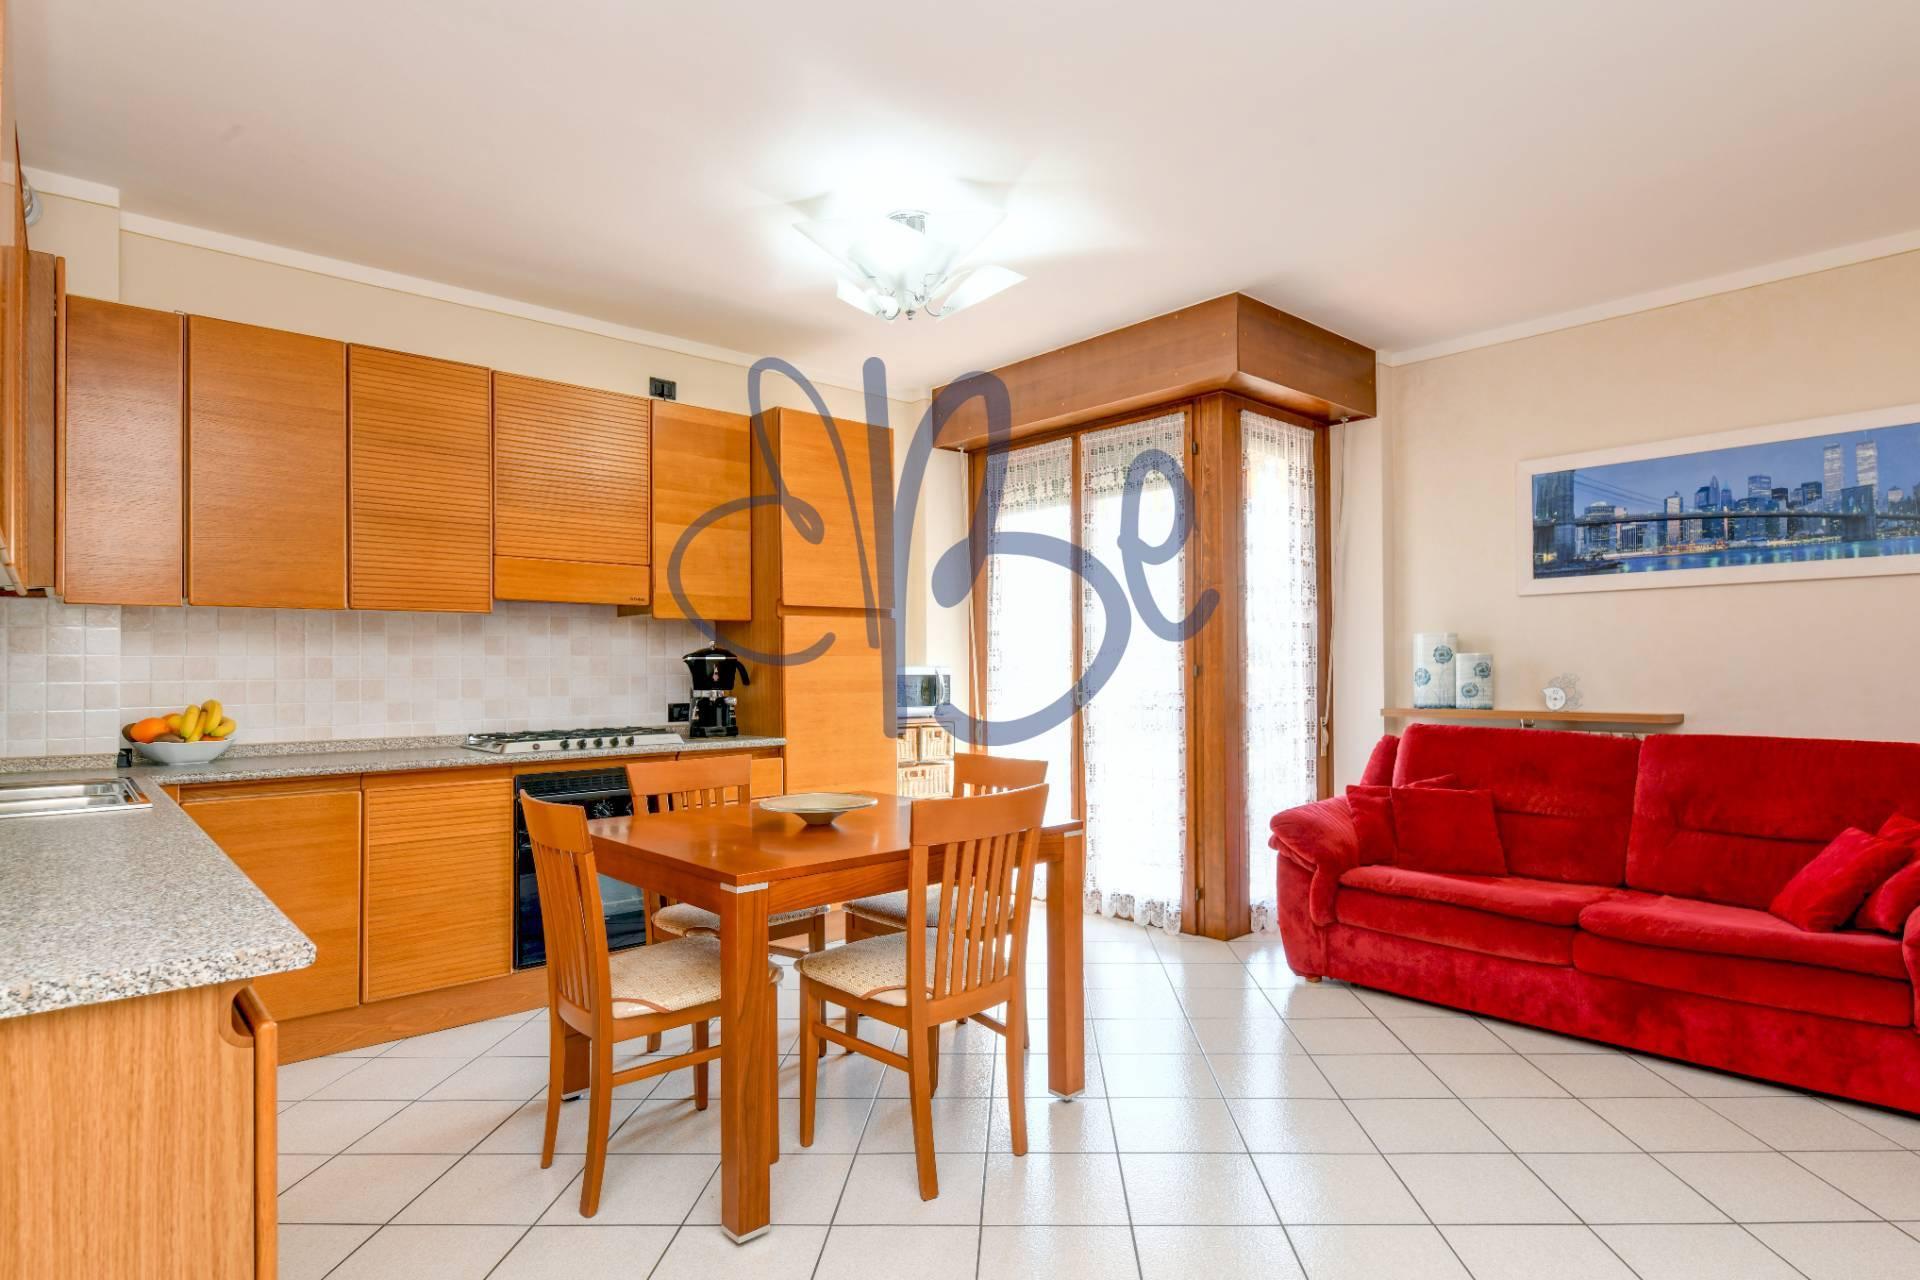 Appartamento in vendita a Salò, 3 locali, zona Zona: Villa, prezzo € 215.000 | CambioCasa.it